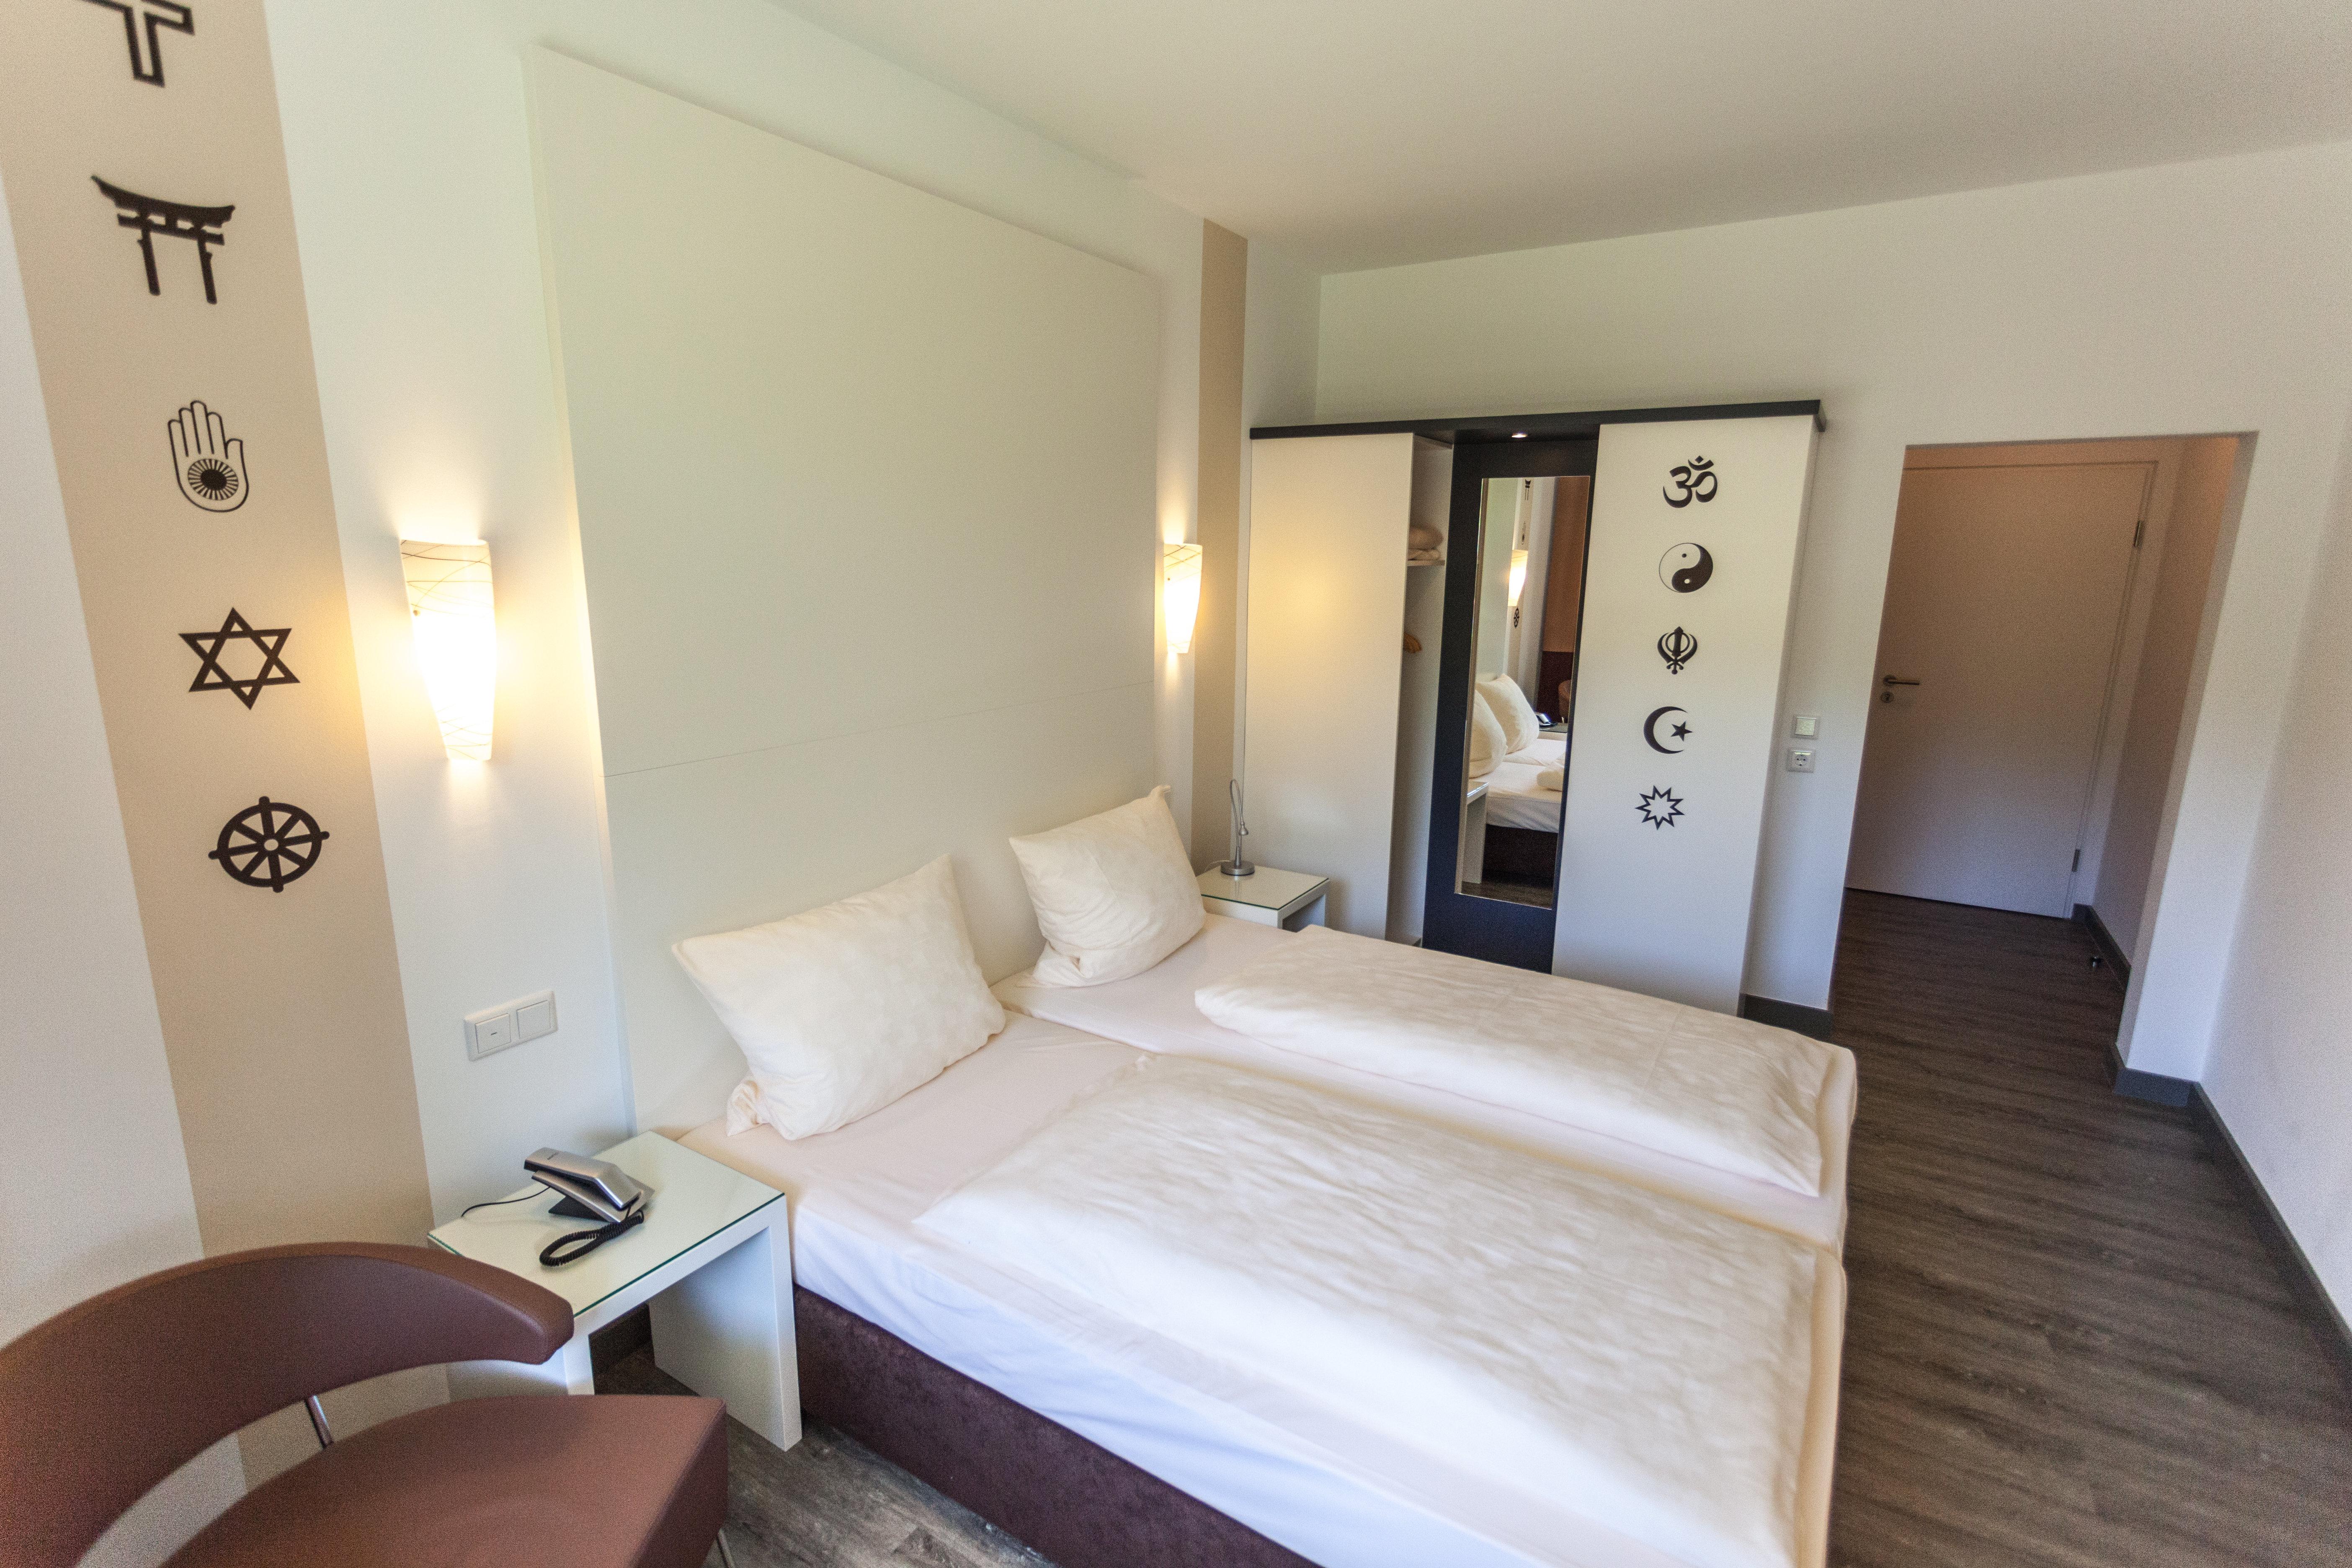 Hotels in Bad Berleburg günstig buchen - Deutschland